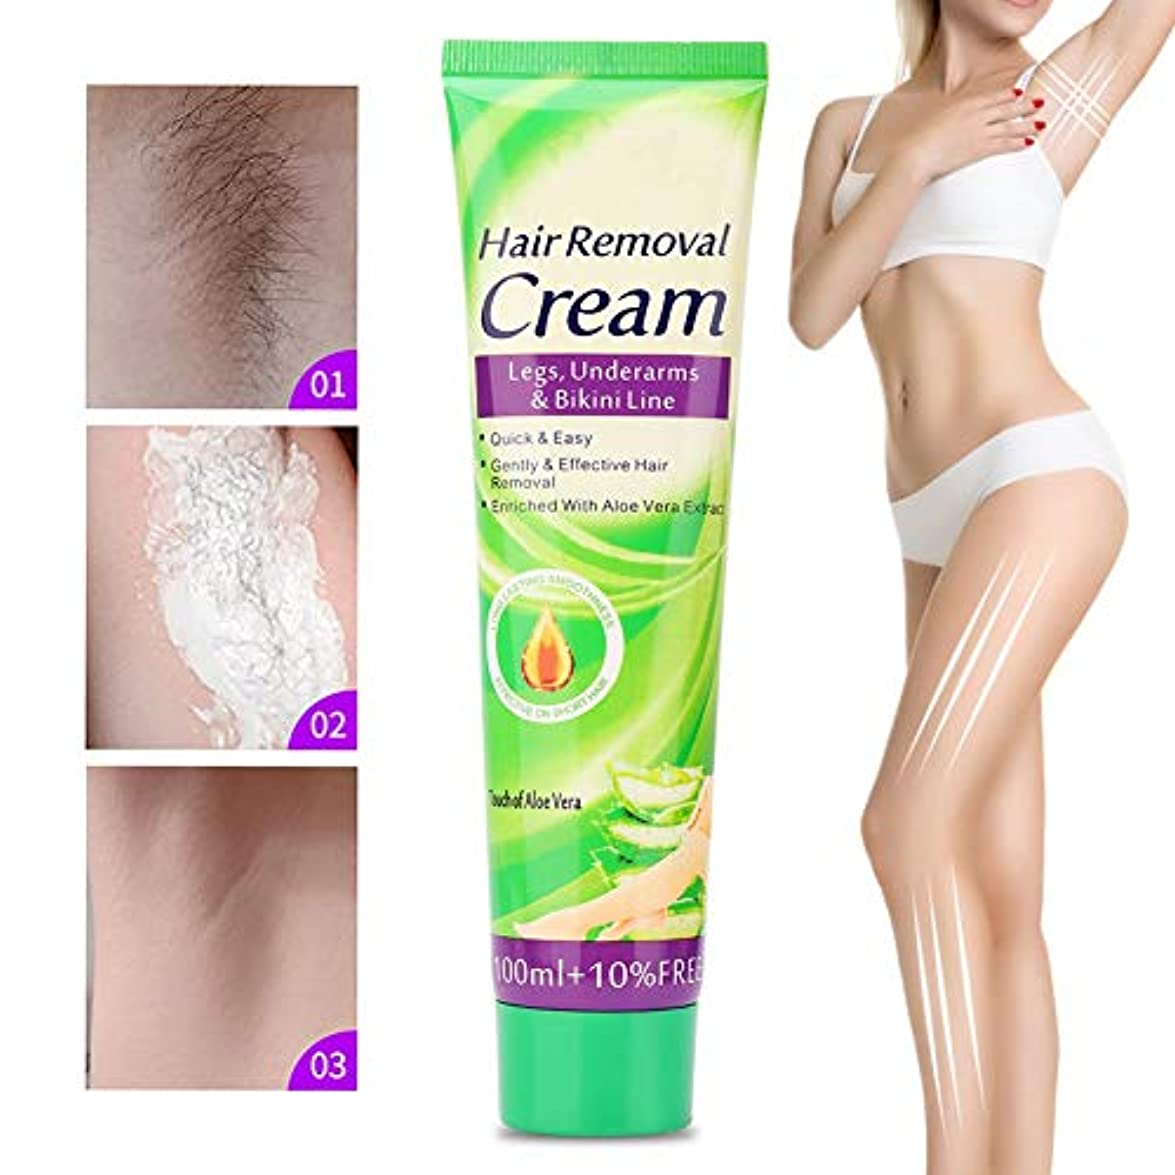 ご覧ください汚すオフセット110ml脱毛クリーム、痛みのない安全でプレミアムソフトな脱毛クリーム男性と女性が脚の腕の下で使用するのに便利